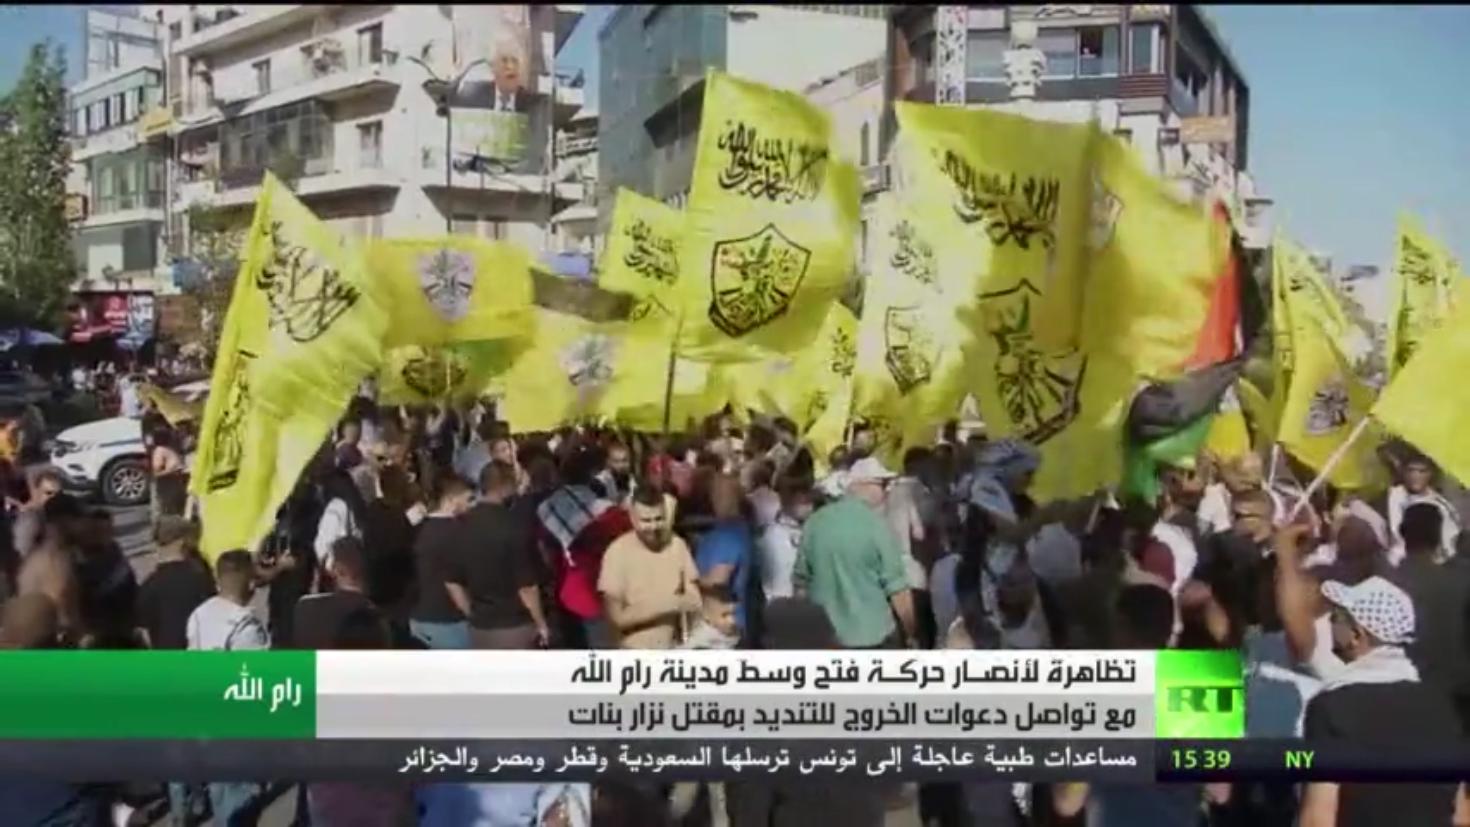 تظاهرة لأنصار فتح في رام الله دعما لعباس